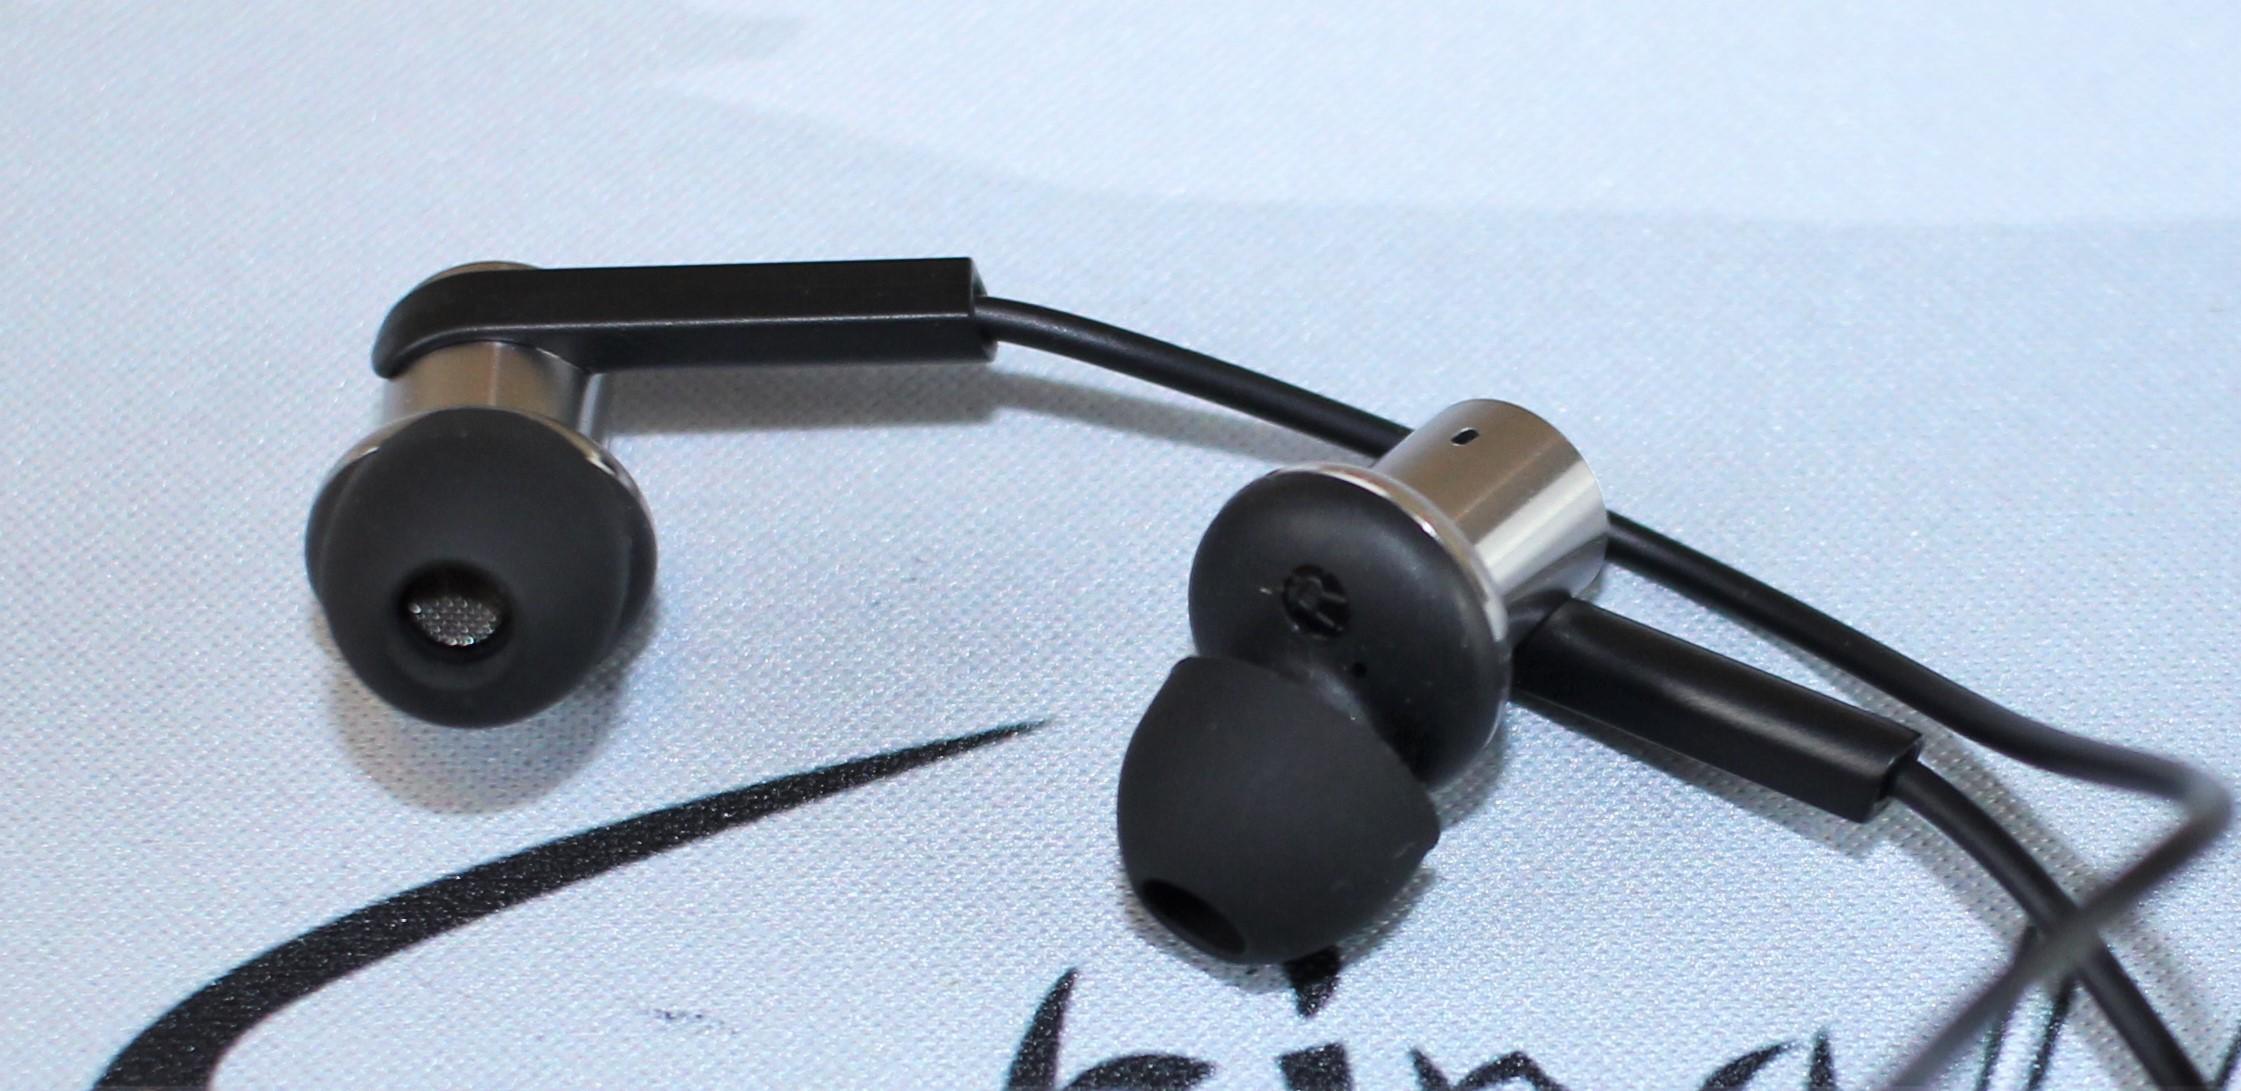 Langzeittest Xiaomi Mi Iv Hybrid In Ear Kopfhrer Fr 1276 Piston 4 Dual Drivers Earphones